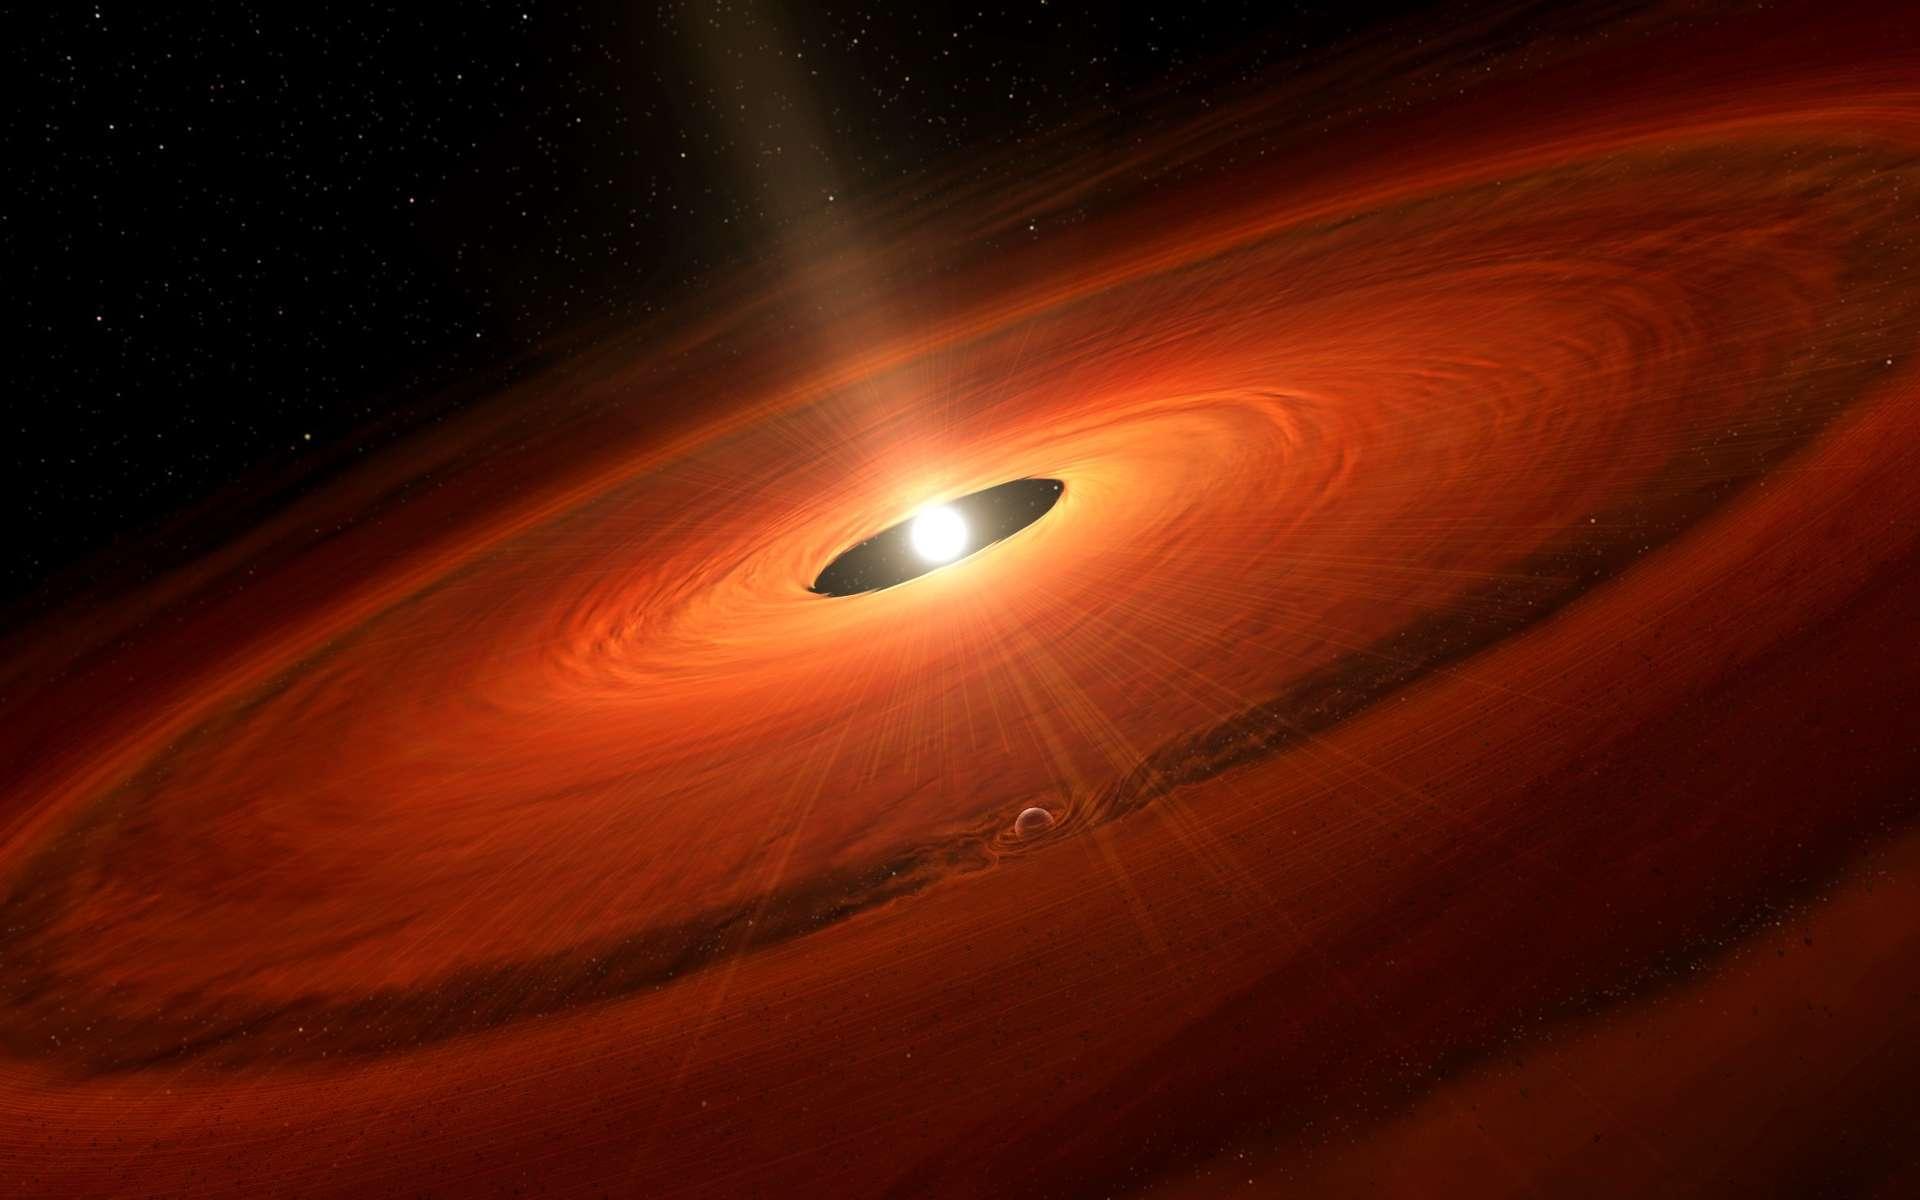 Une vue d'artiste d'un disque protoplanétaire avec une exoplanète en formation © NAOJ